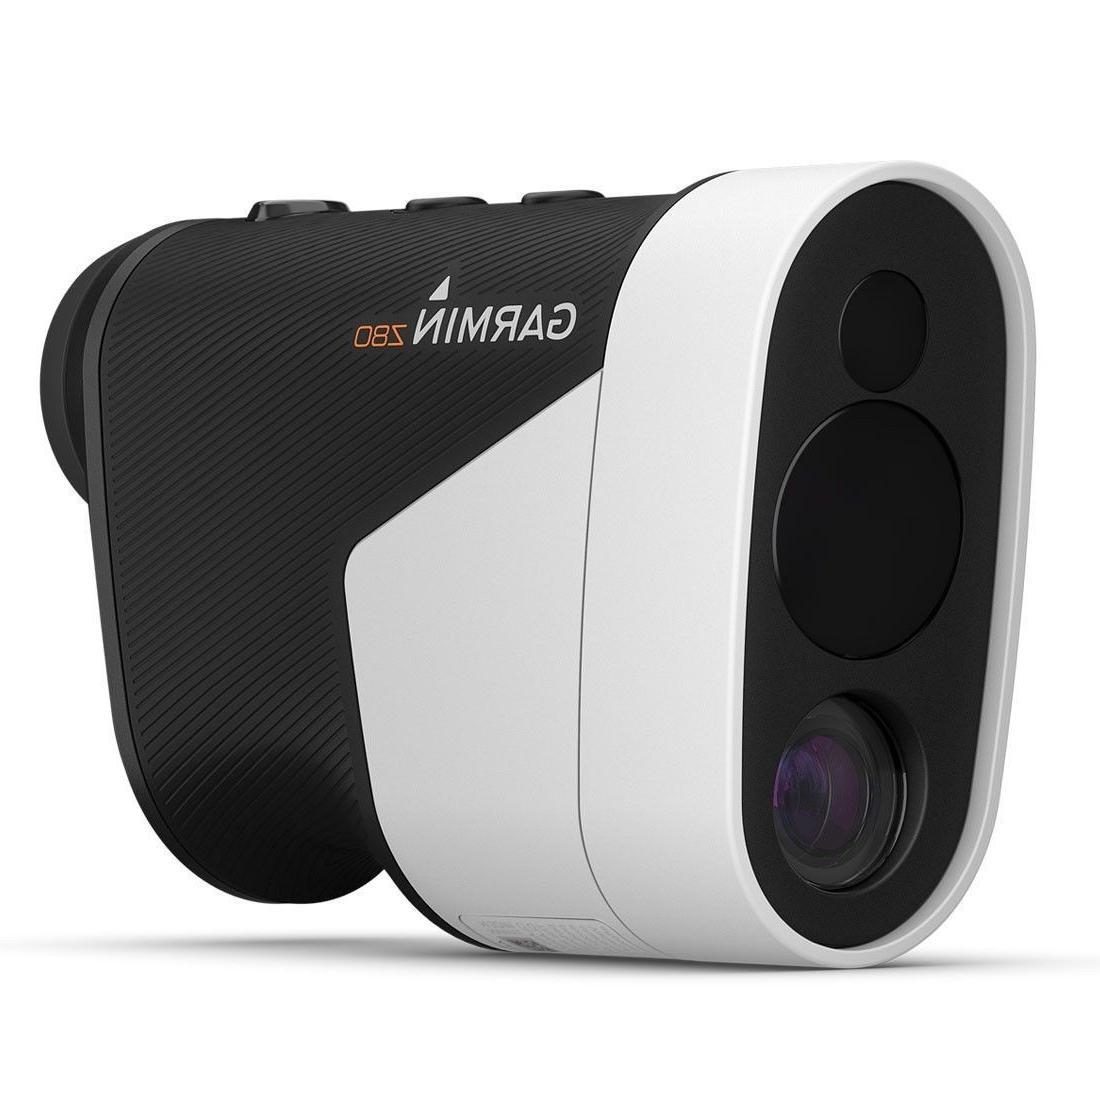 new in box approach z80 laser rangefinder